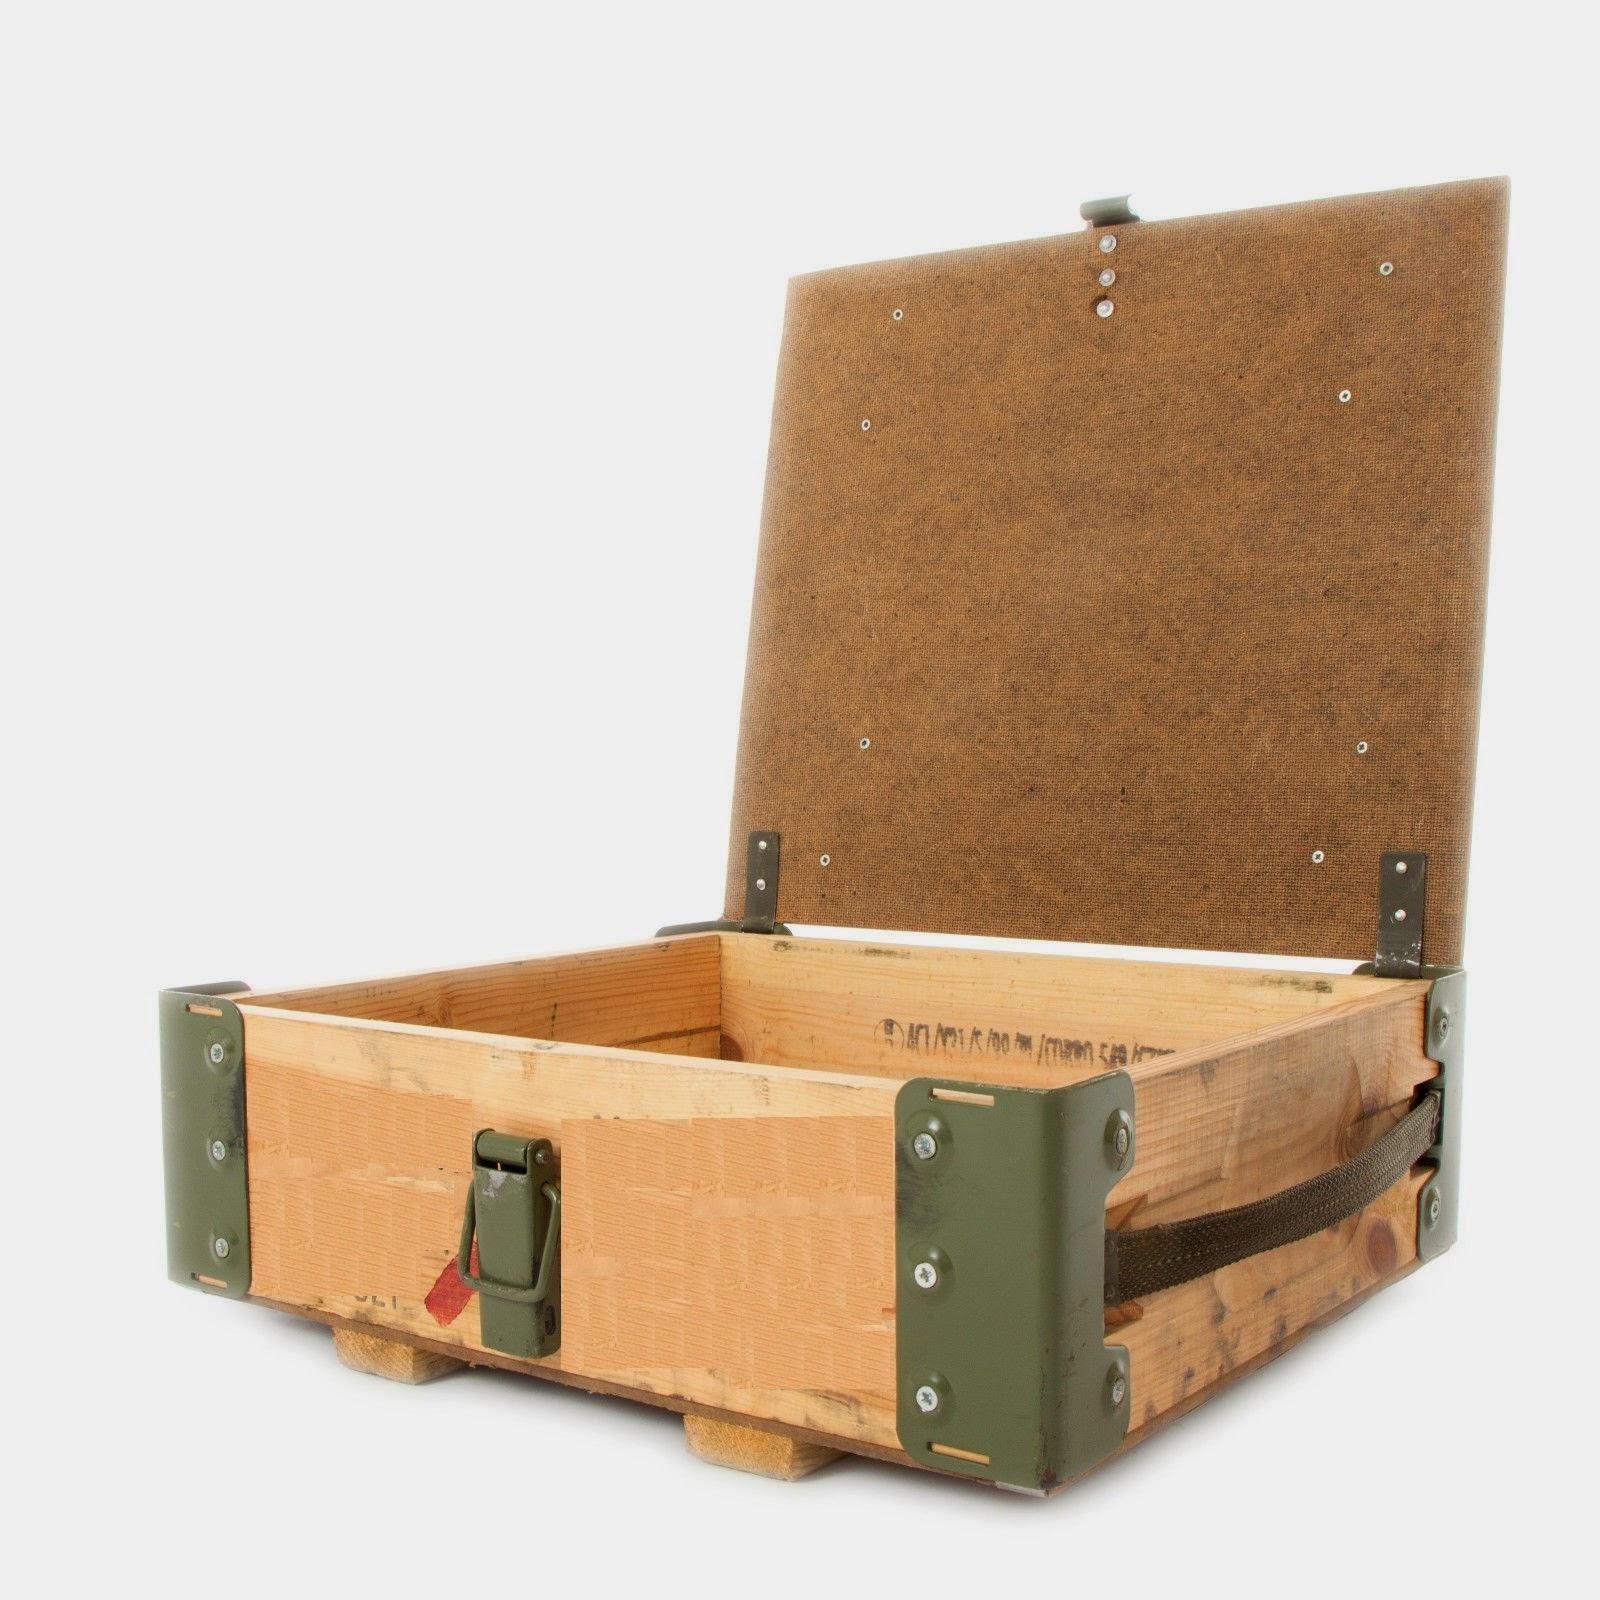 ikea boite de rangement plastique sous lit maison design. Black Bedroom Furniture Sets. Home Design Ideas